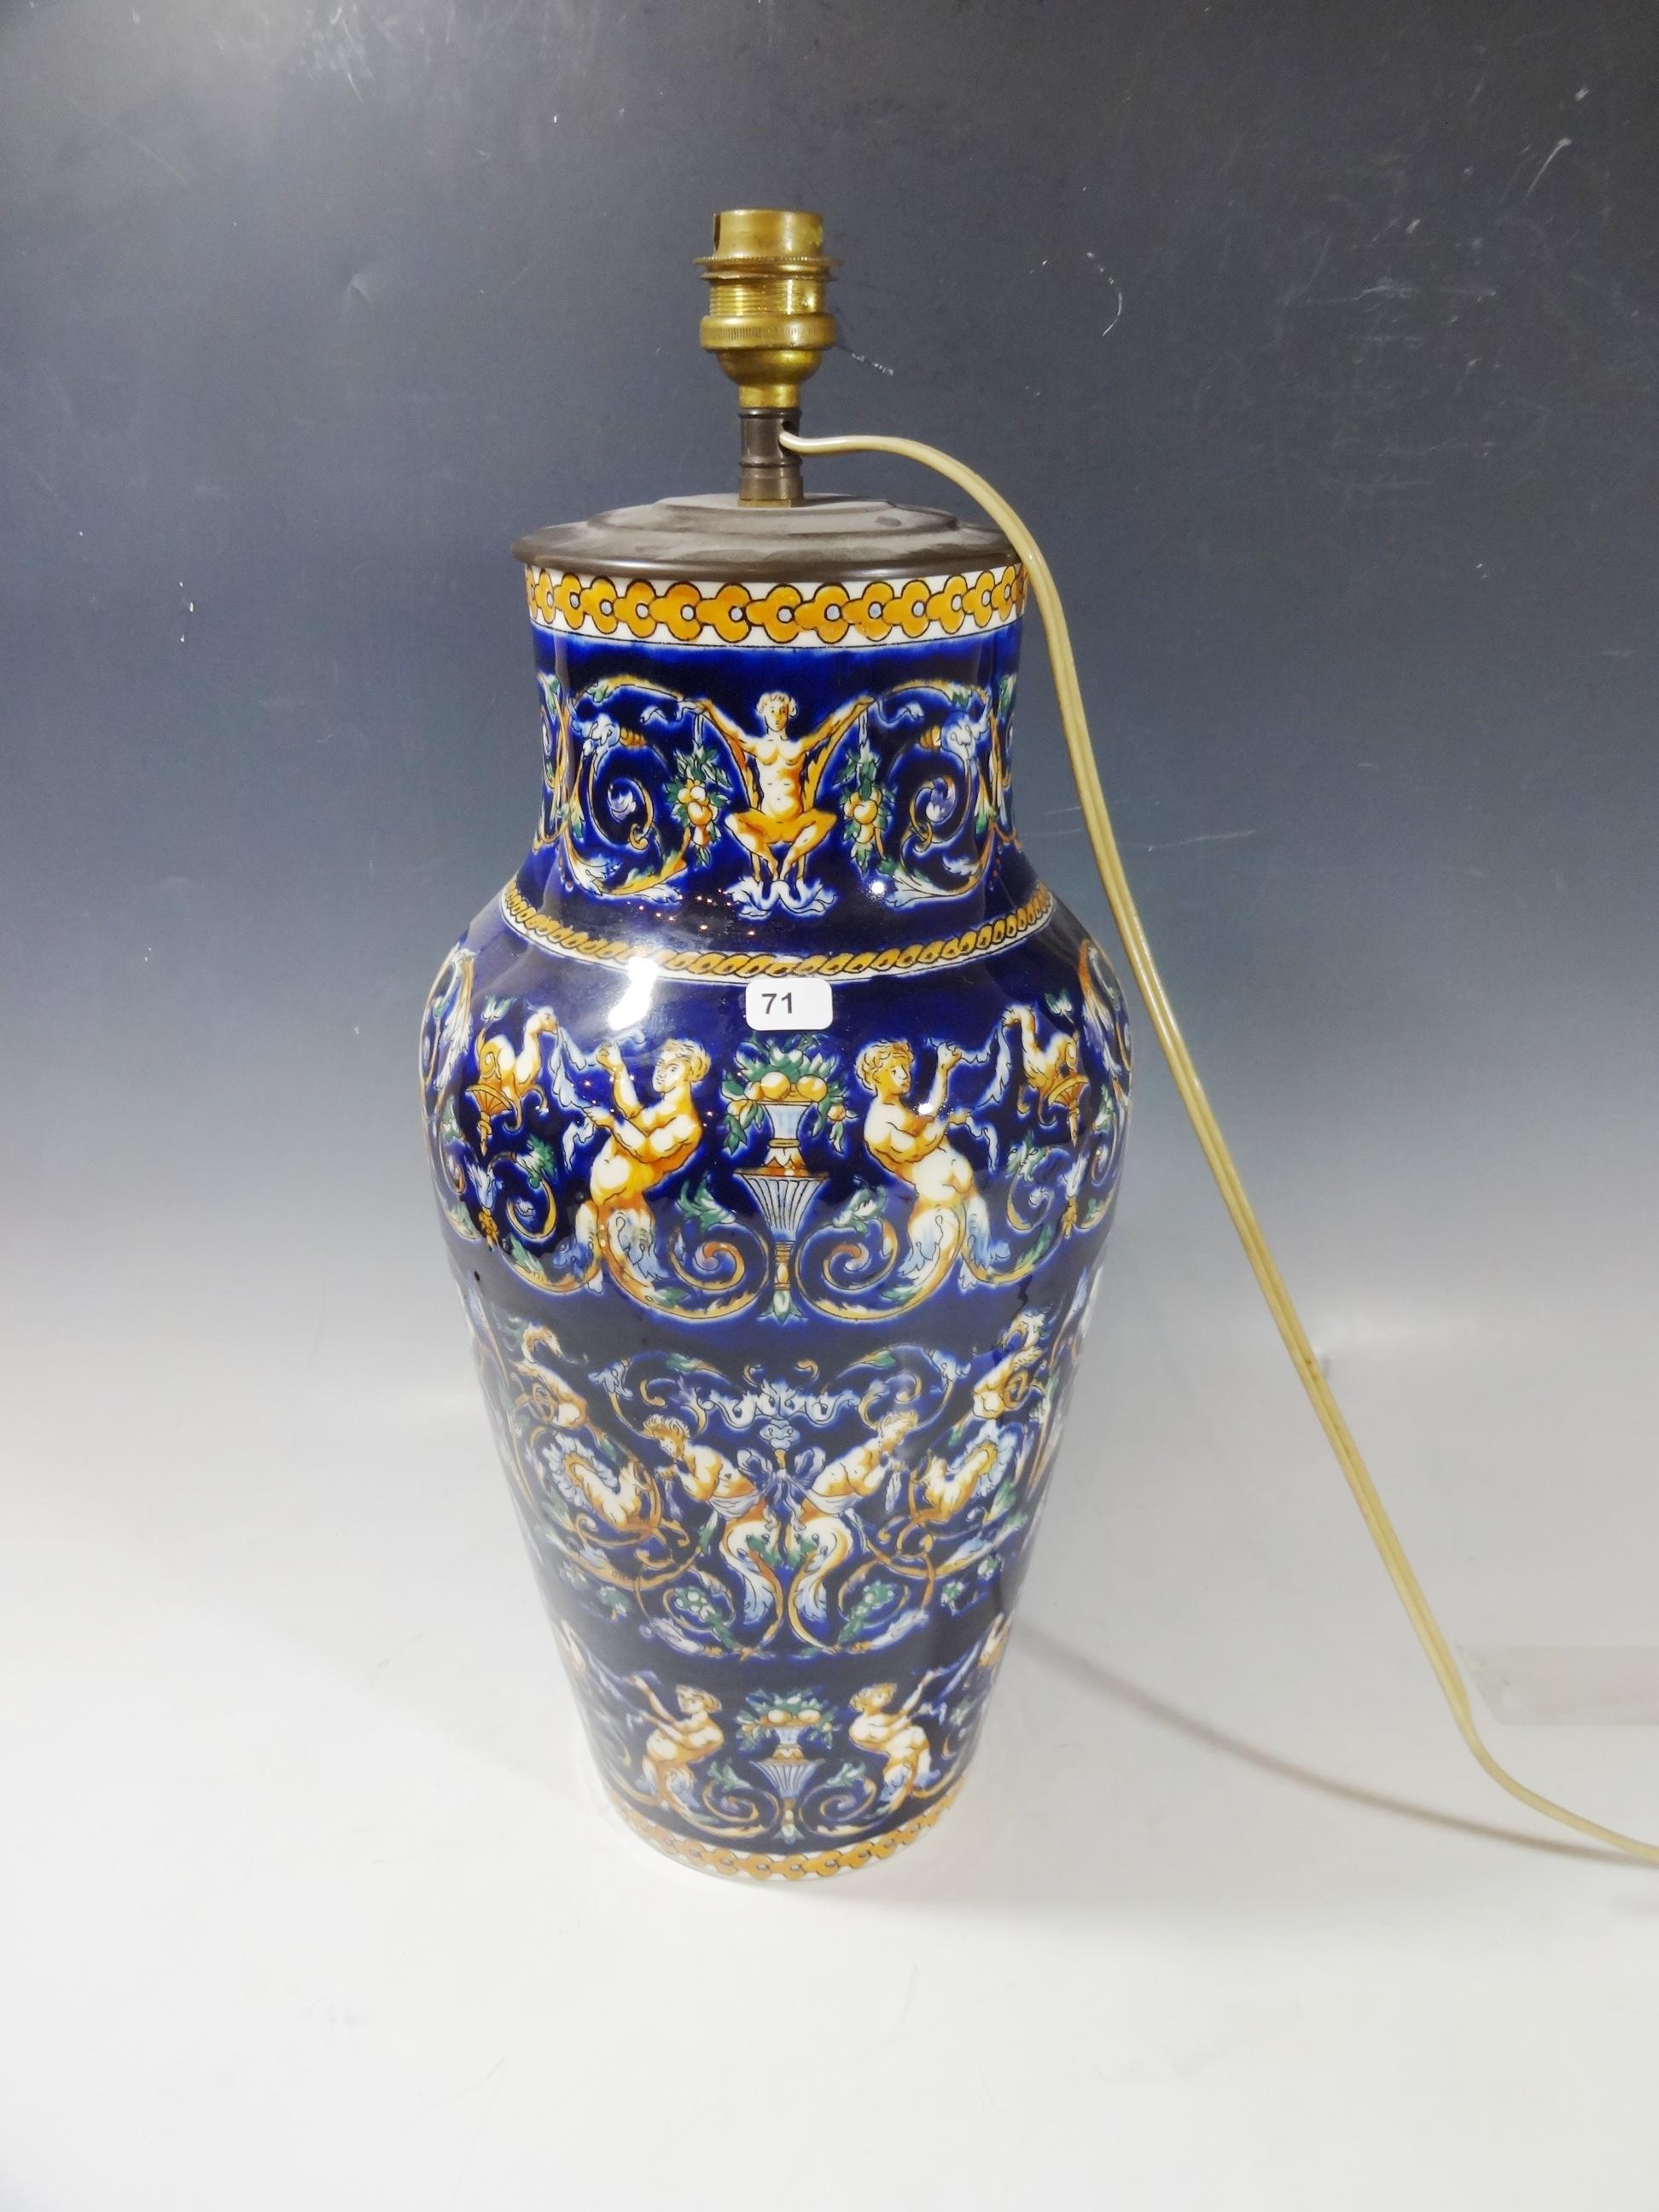 Gien Vase En Faience Modele Renaissance Fond Bleu Monte En Pied